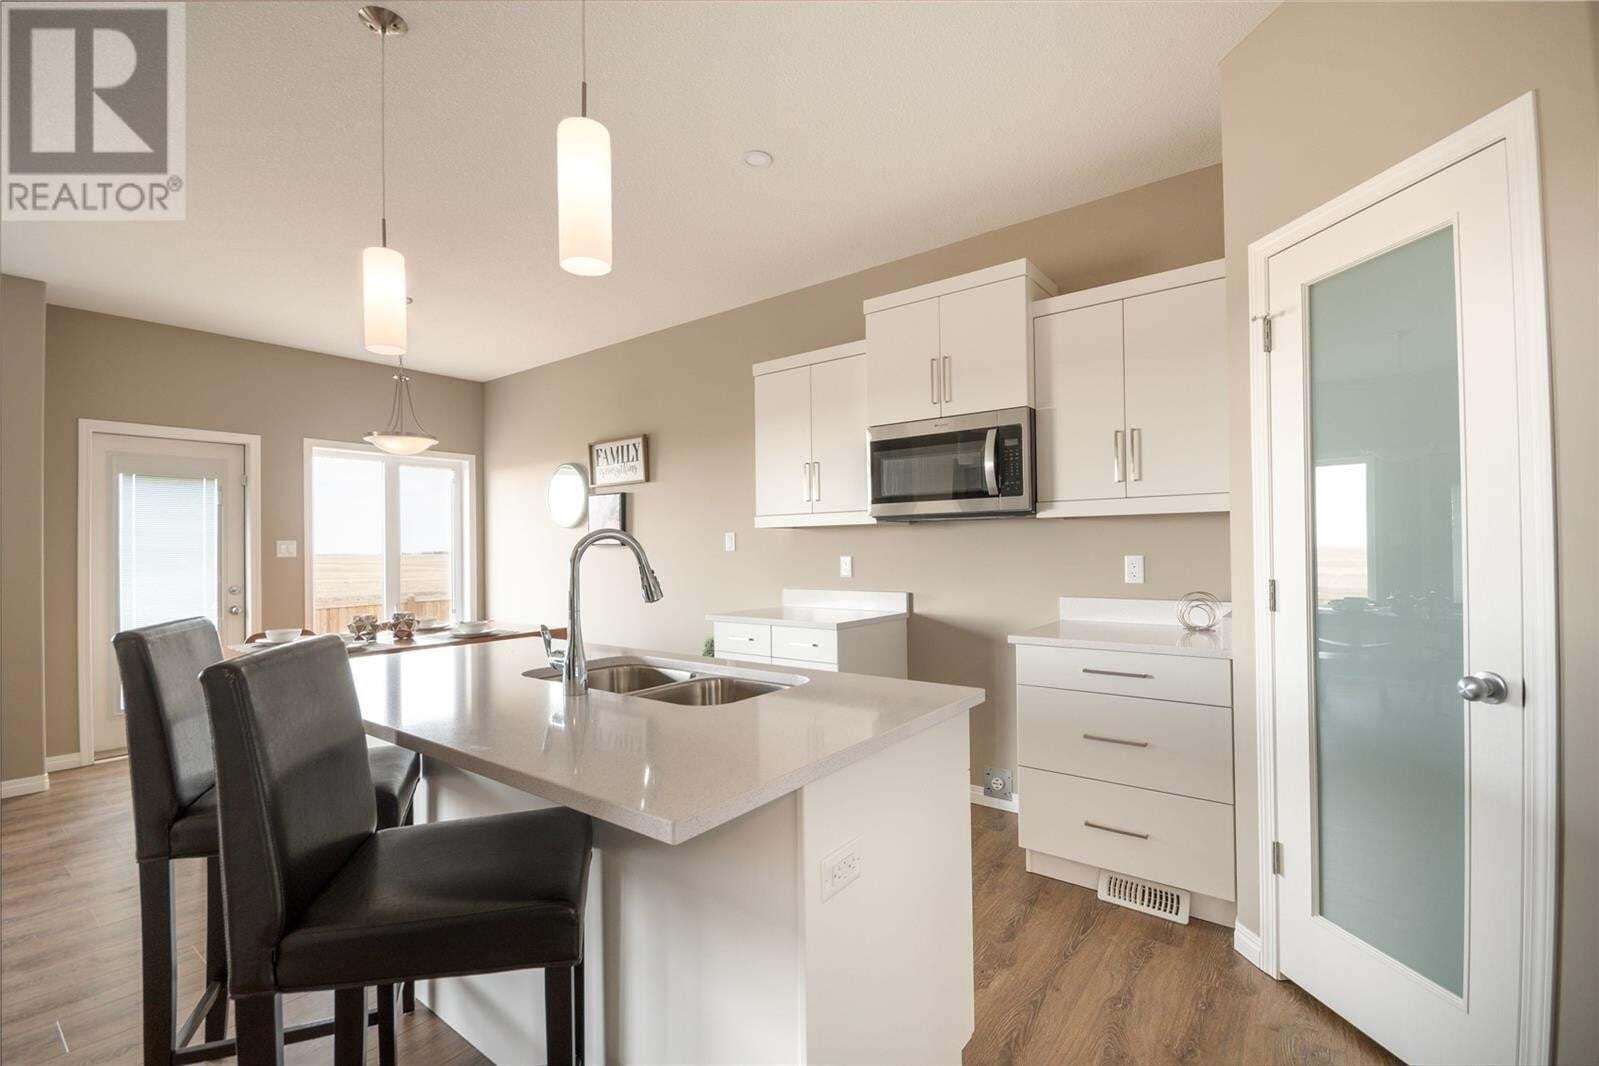 House for sale at 5623 Mckenna Rd Regina Saskatchewan - MLS: SK820986